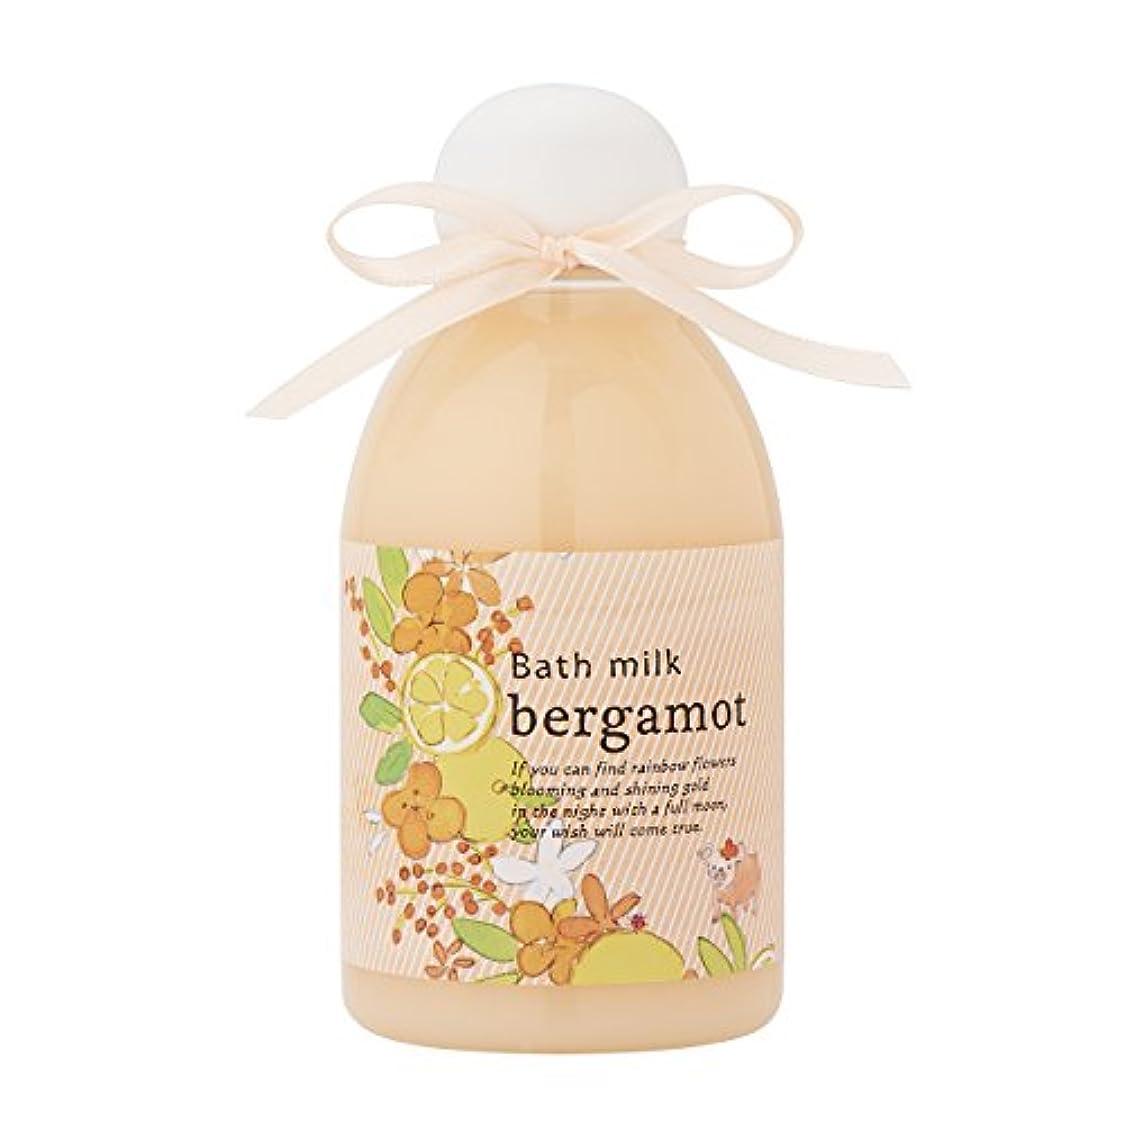 昼寝ずんぐりした仮装サンハーブ バスミルク ベルガモット 200ml(バブルバスタイプ入浴料 泡風呂 懐かしい甘酸っぱい香り)